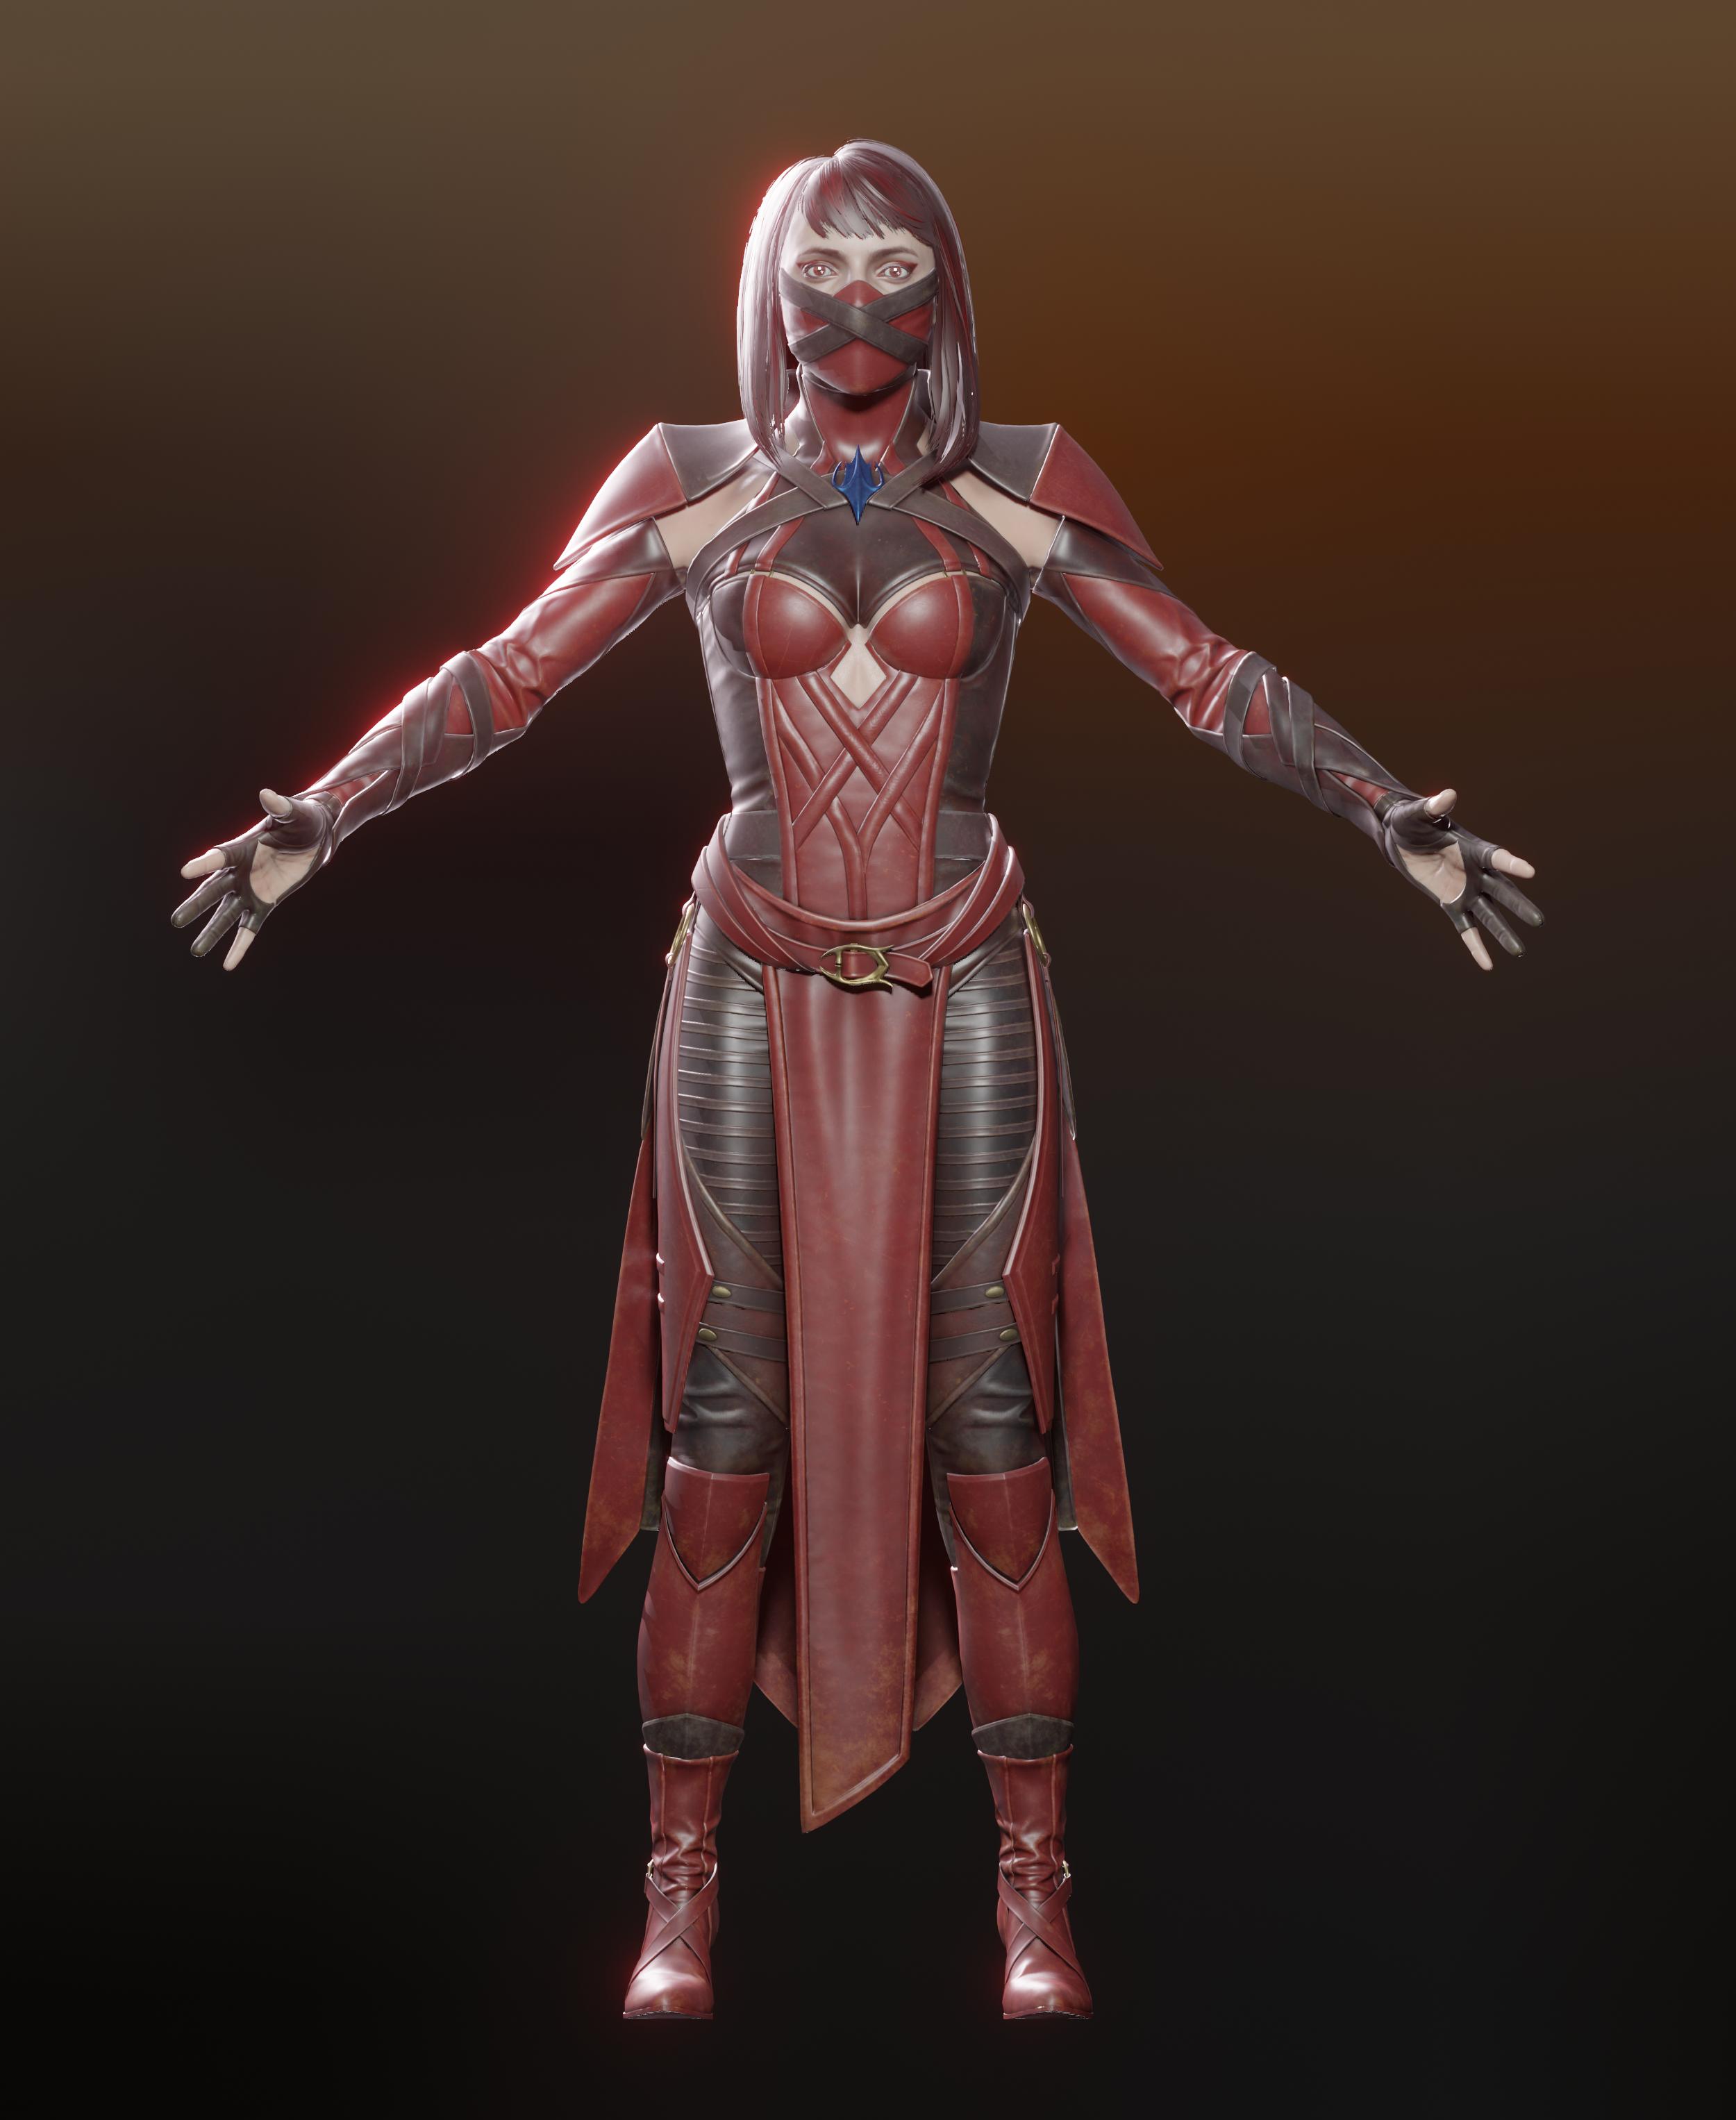 MK11: skarlet - blood pixie (reupload)